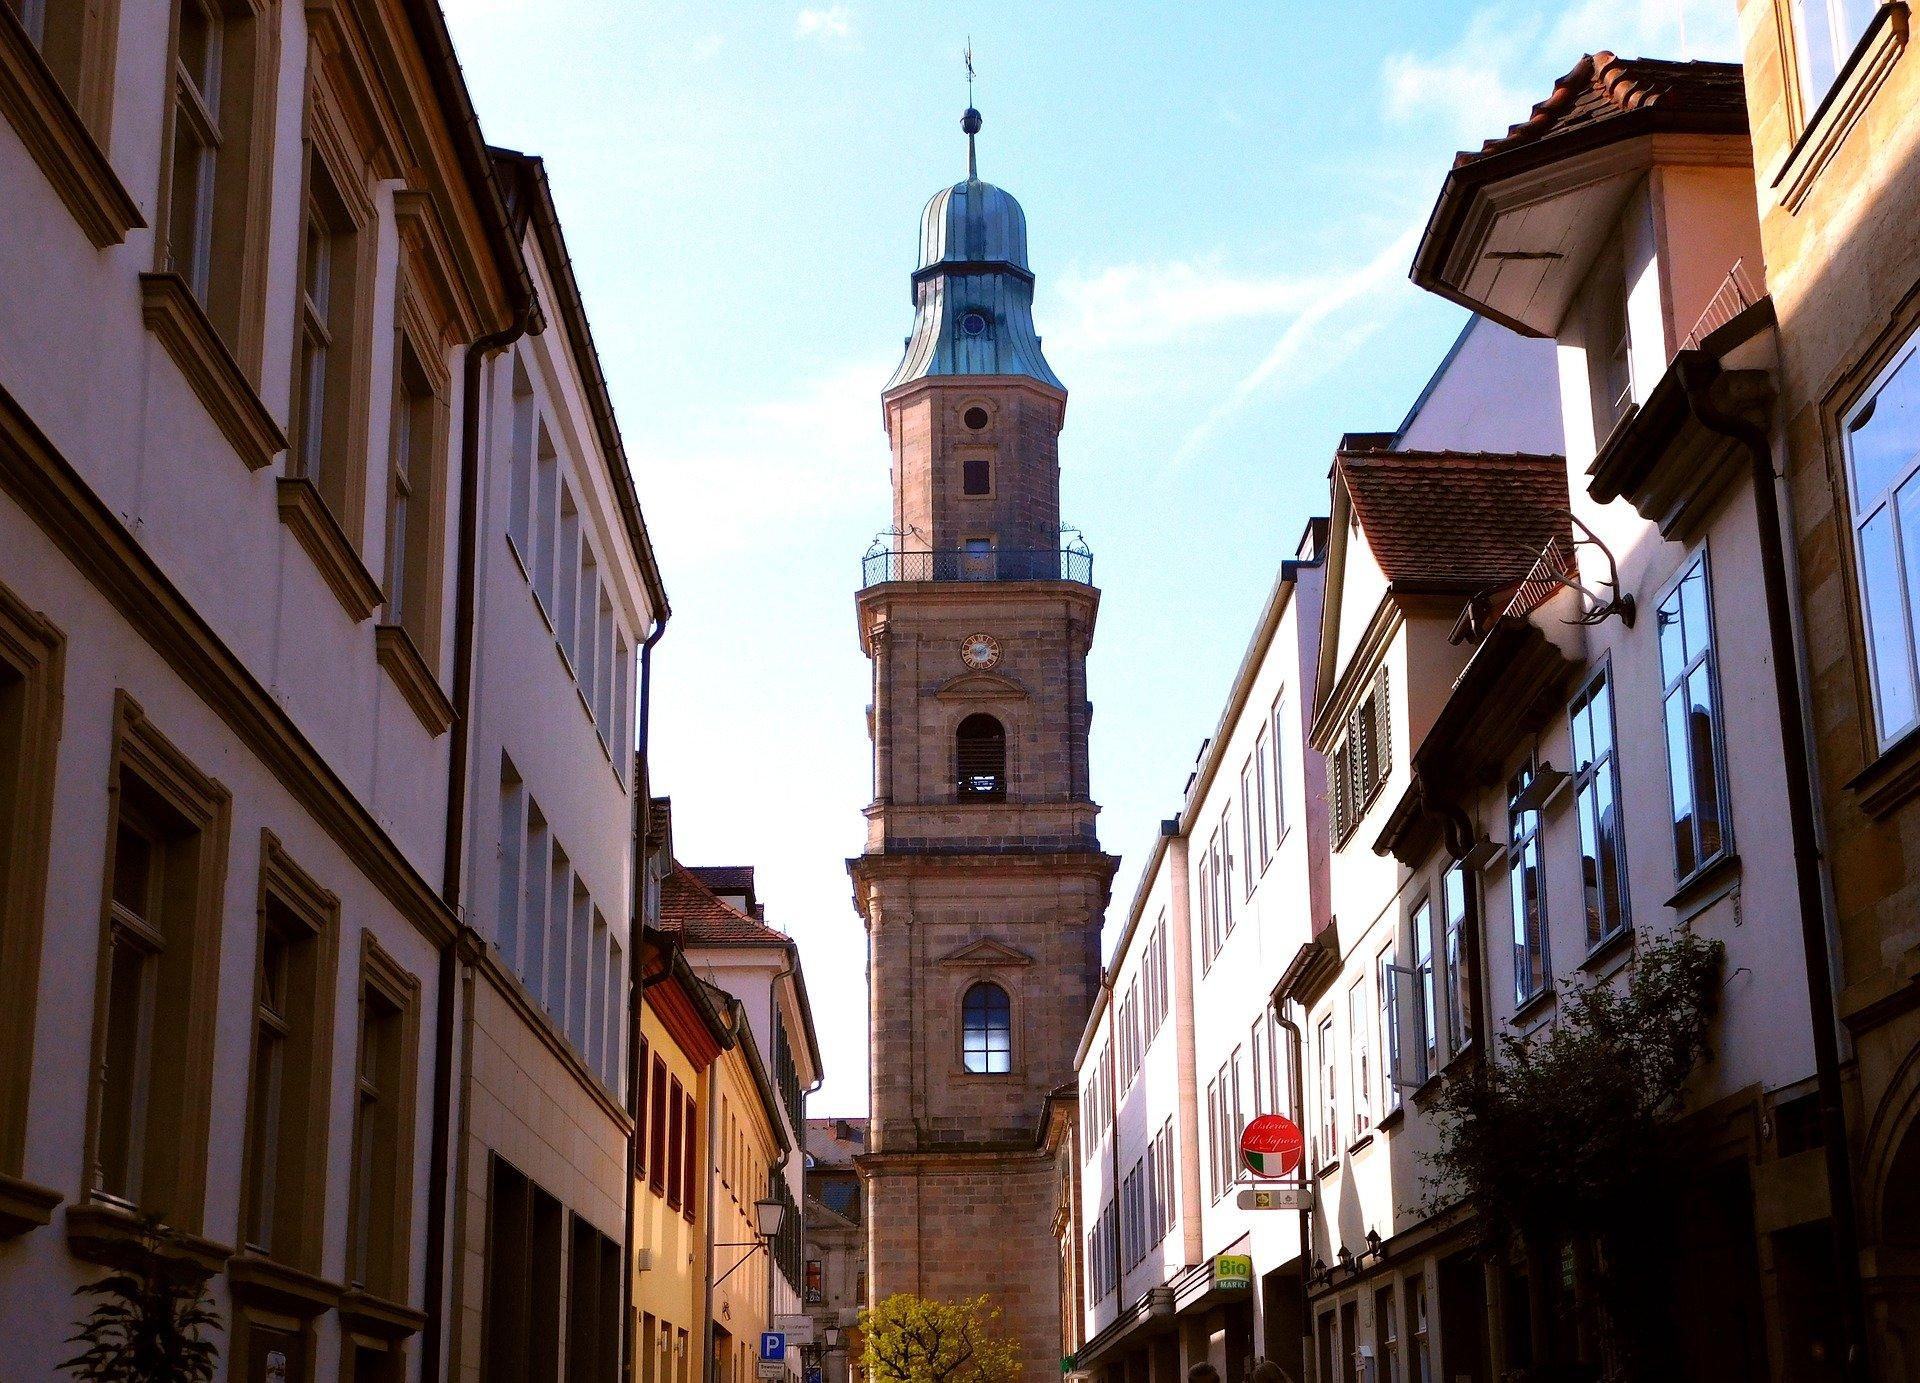 Blick durch Gassen in Erlangen